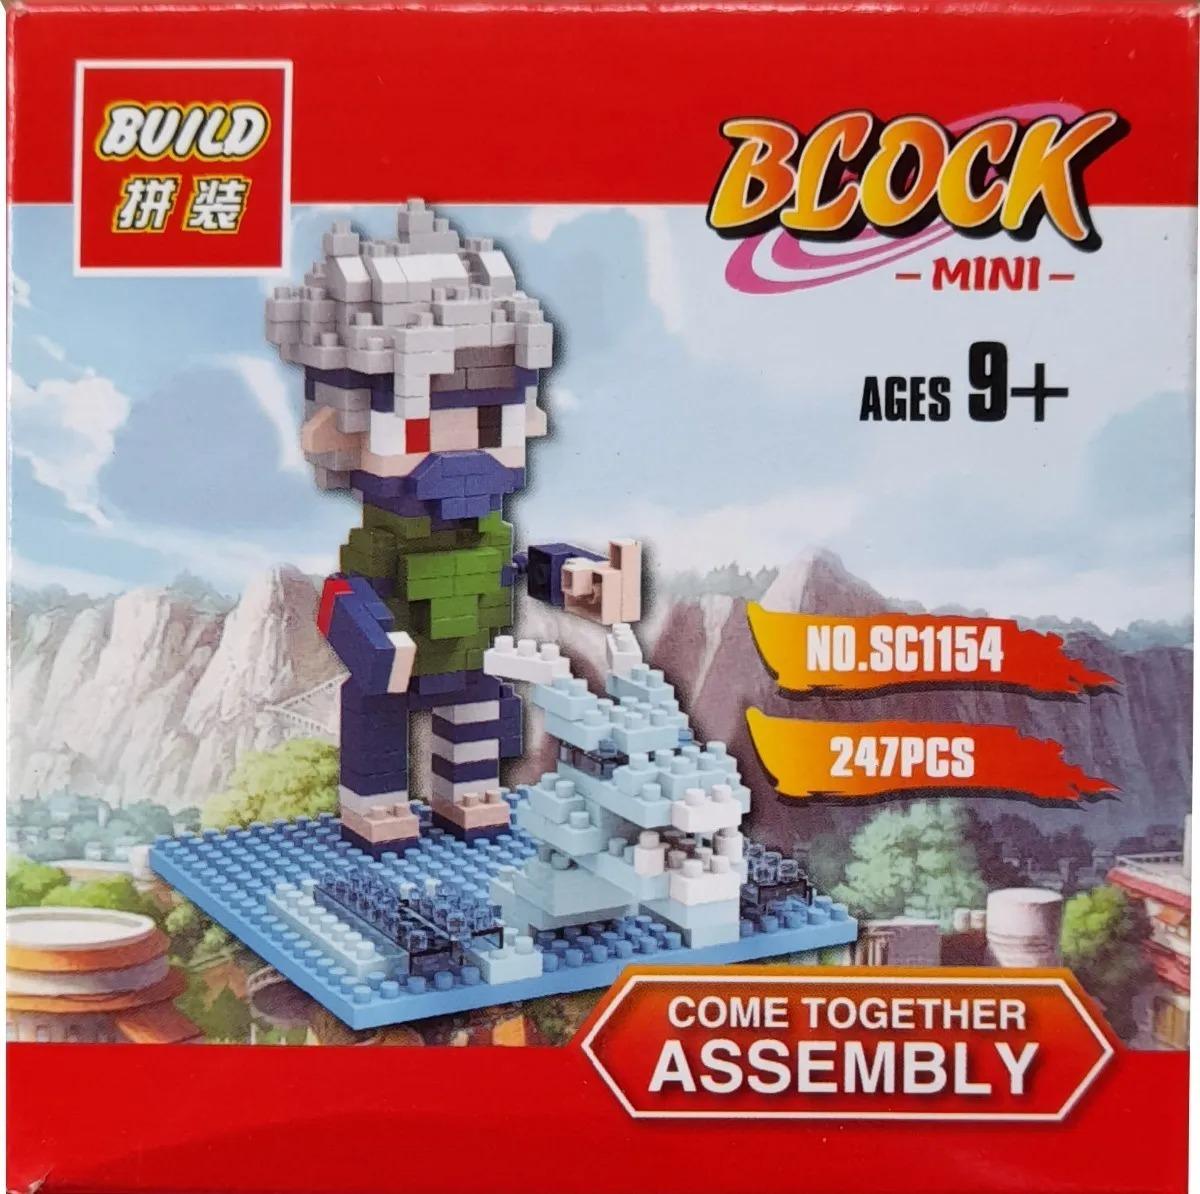 Bloco De Montar Lego Kakashi Hatake - Naruto Shippuden (247pcs)